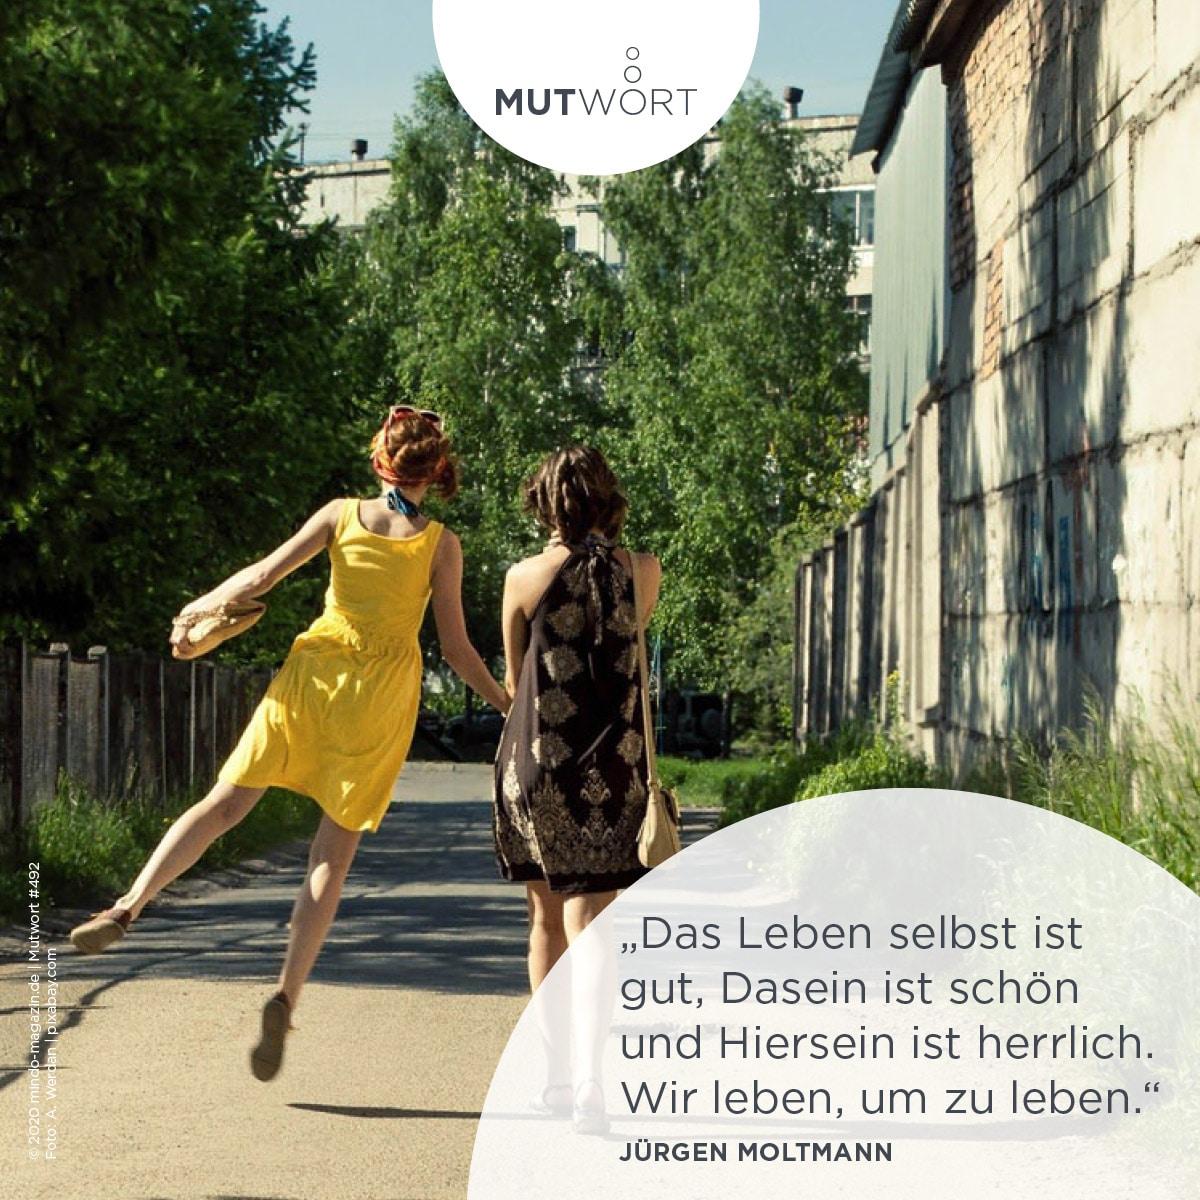 """""""Das Leben selbst ist gut, Dasein ist schön und Hiersein ist herrlich. Wir leben, um zu leben."""" - Jürgen Moltmann"""